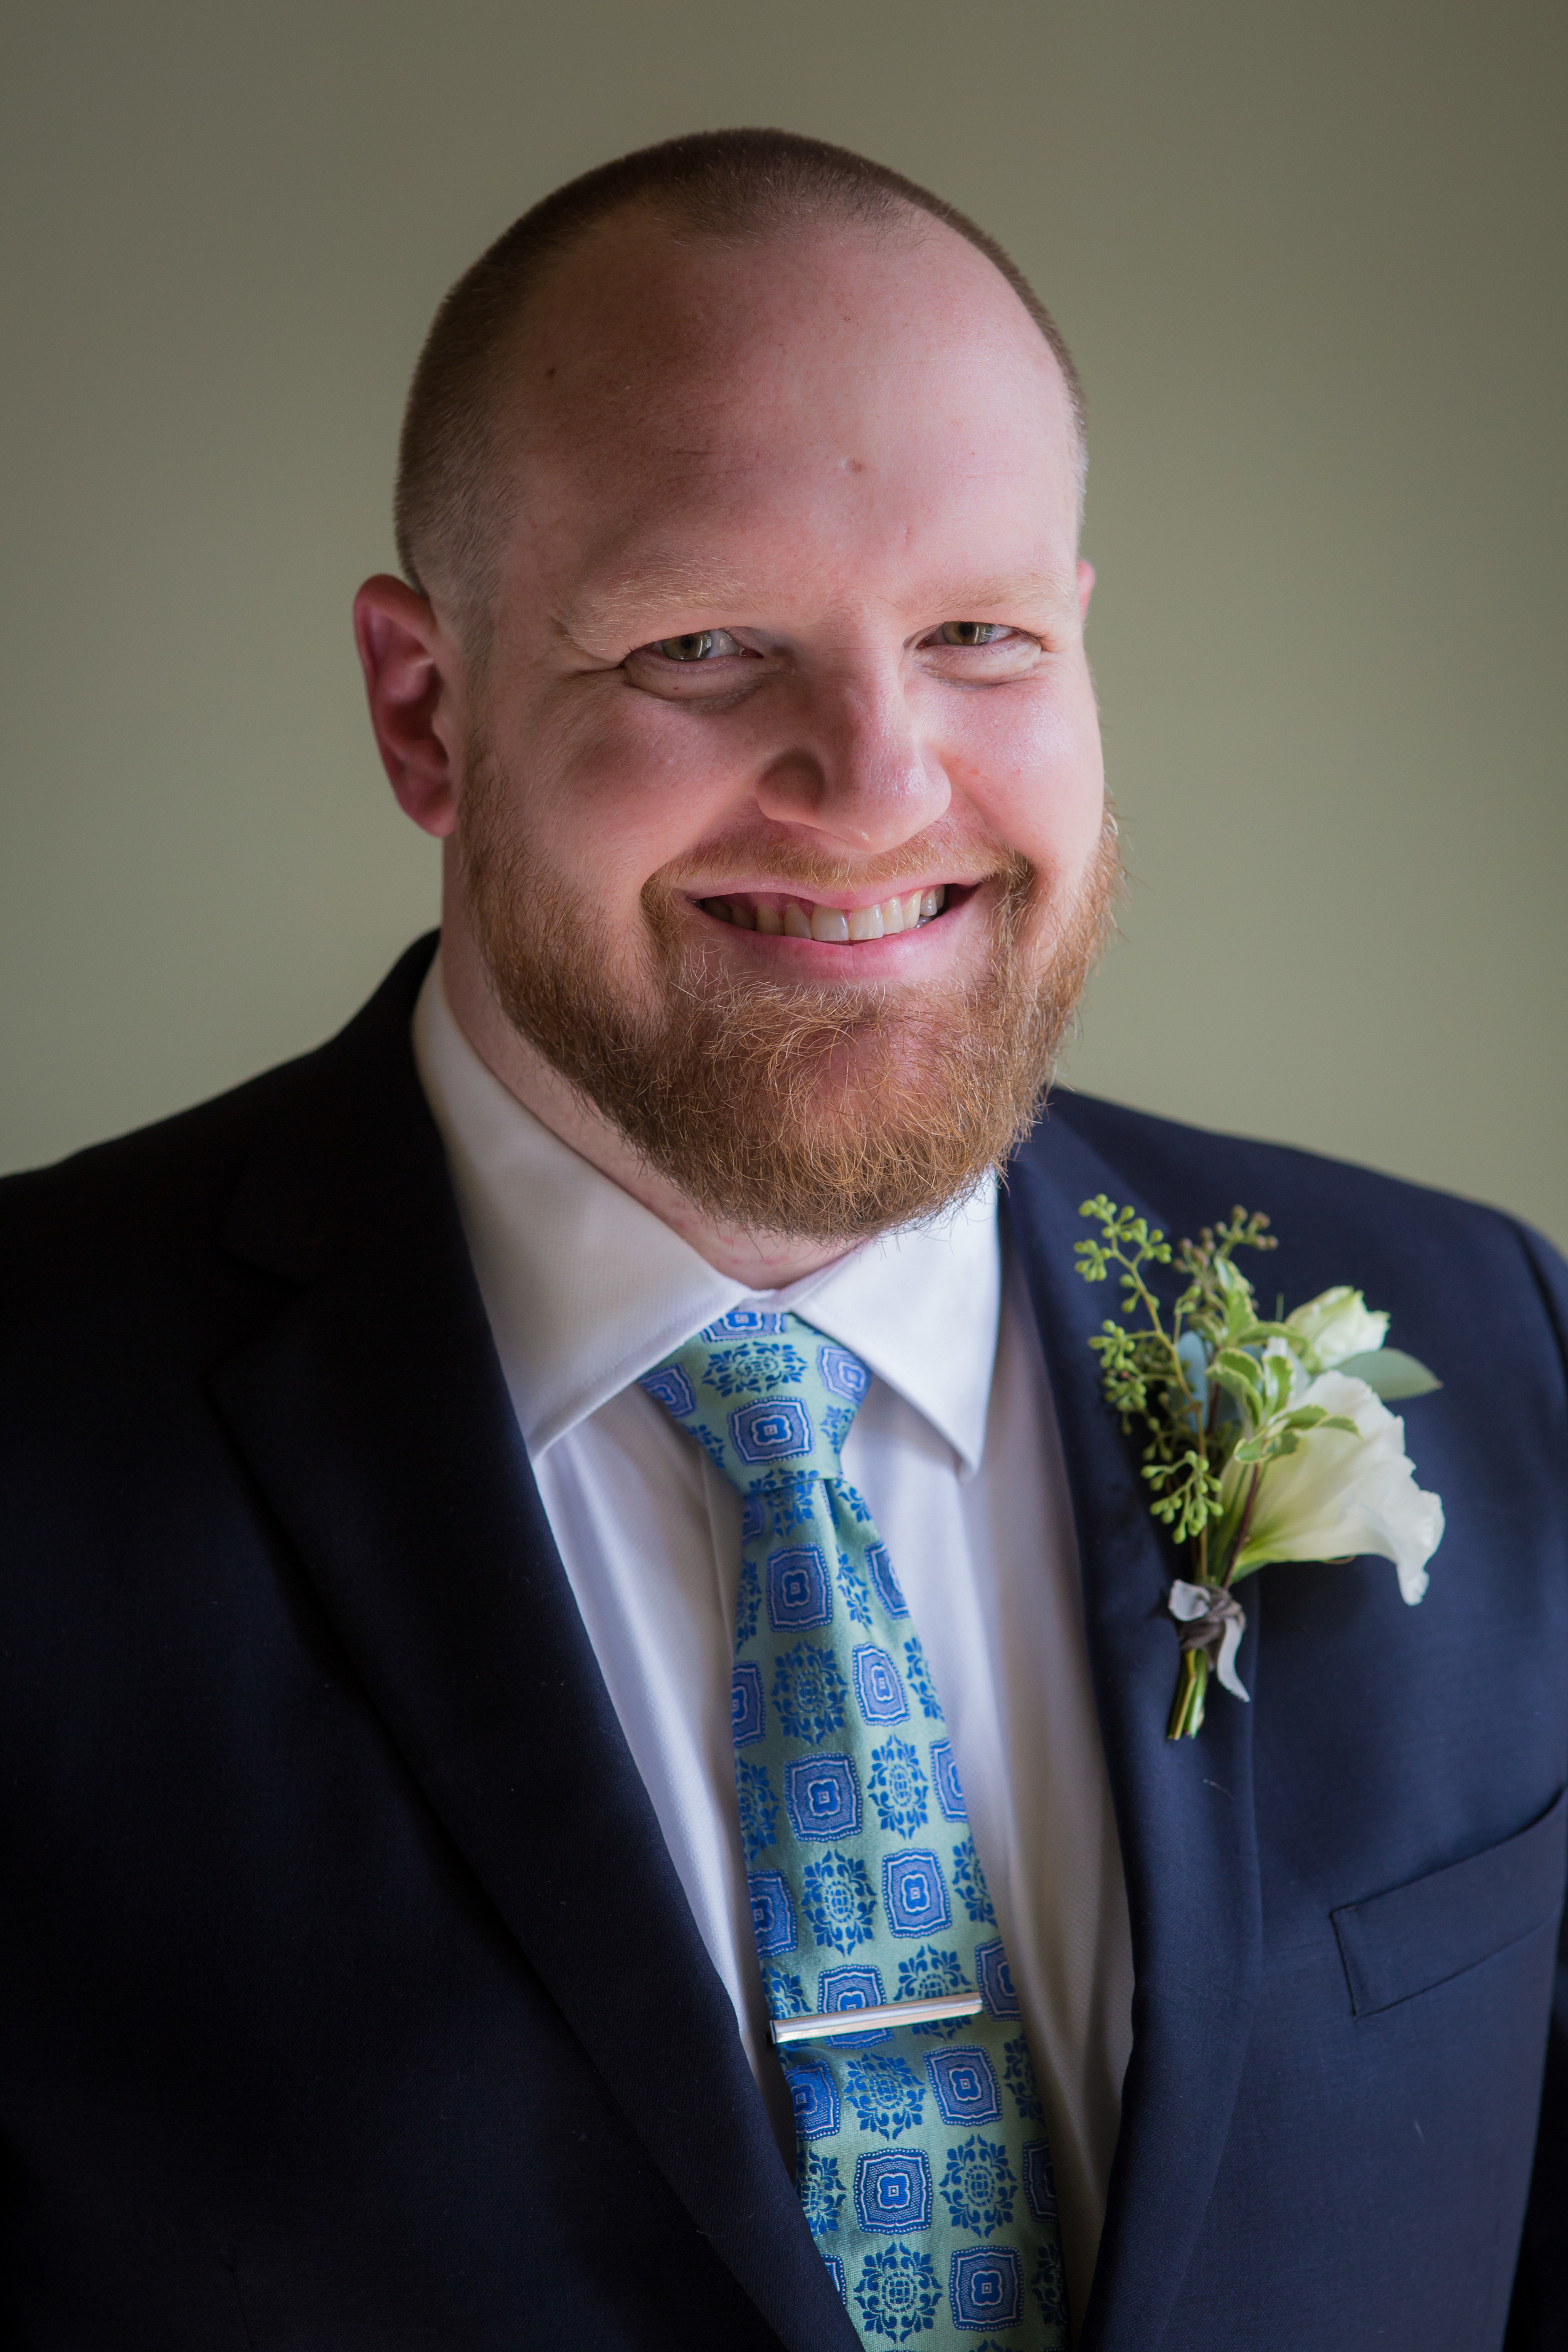 ashley_john-wedding-080815-194.jpg